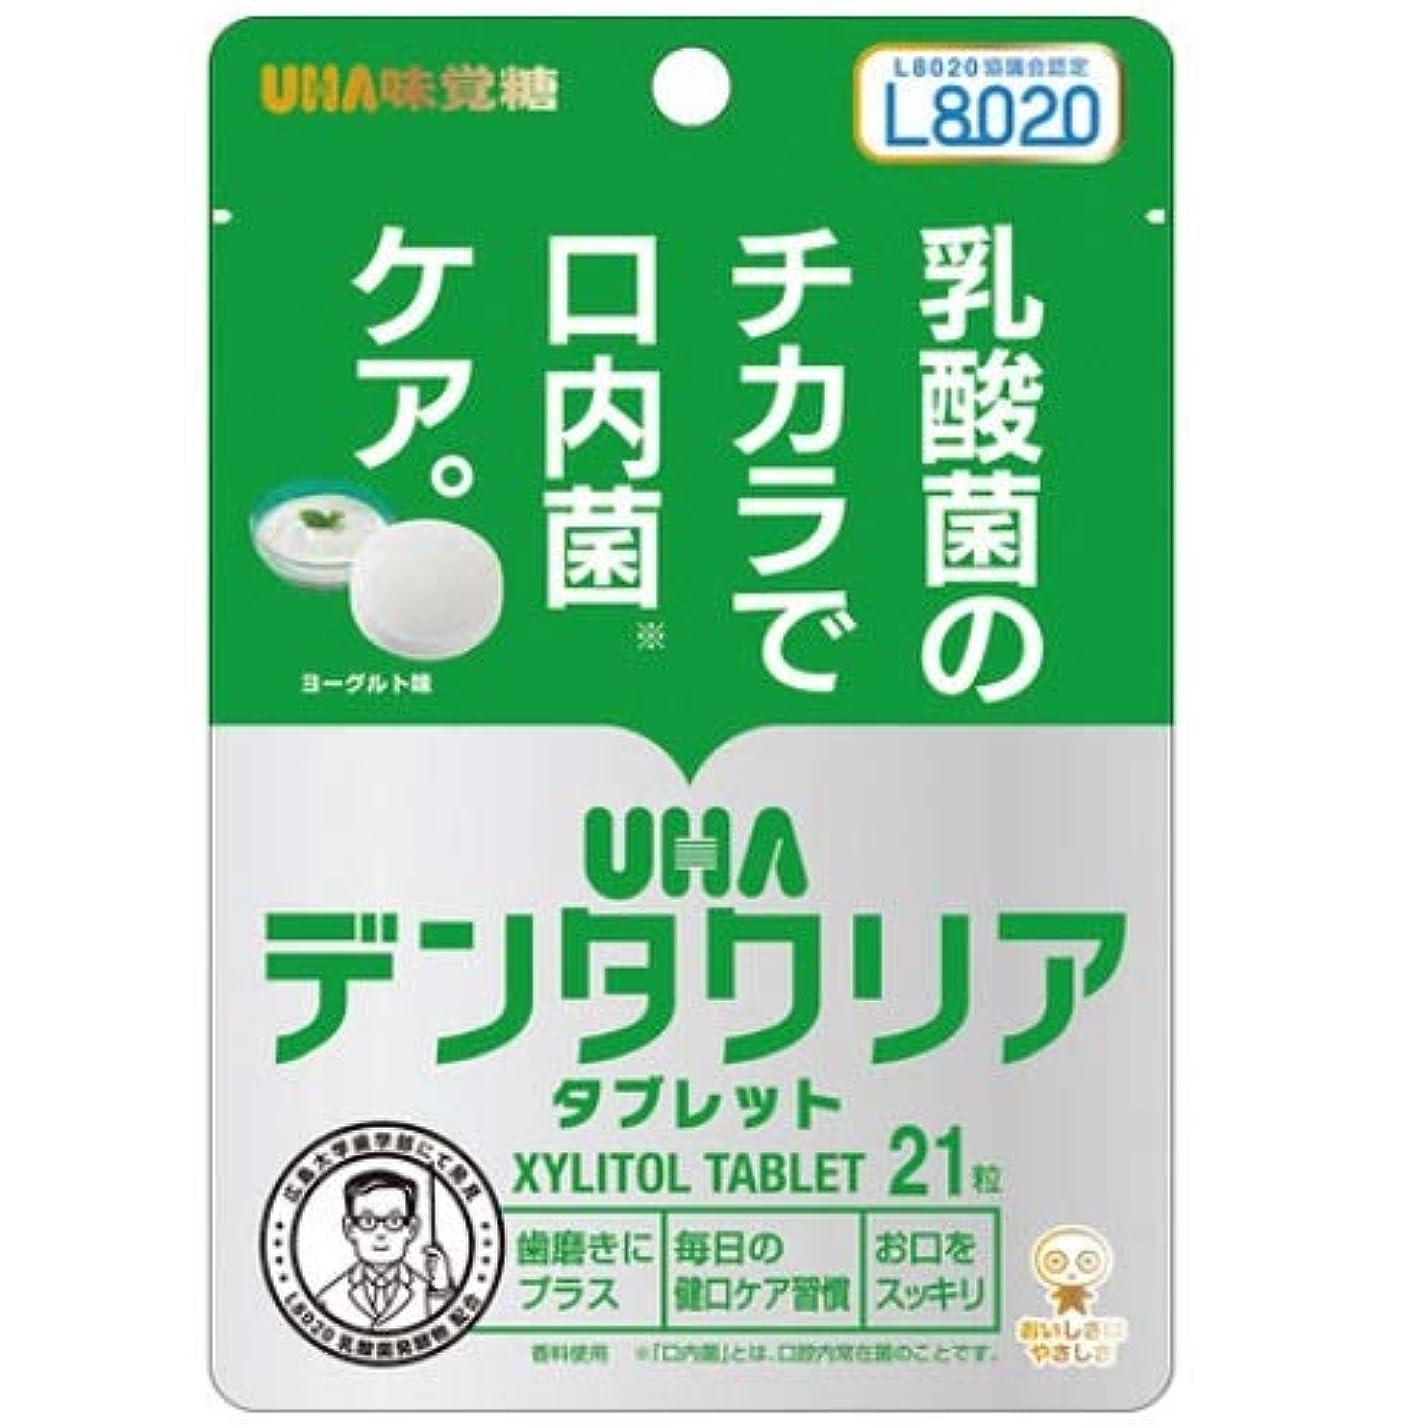 火薬インフルエンザ絶縁するデンタクリア タブレット ヨーグルト 21粒×10個セット